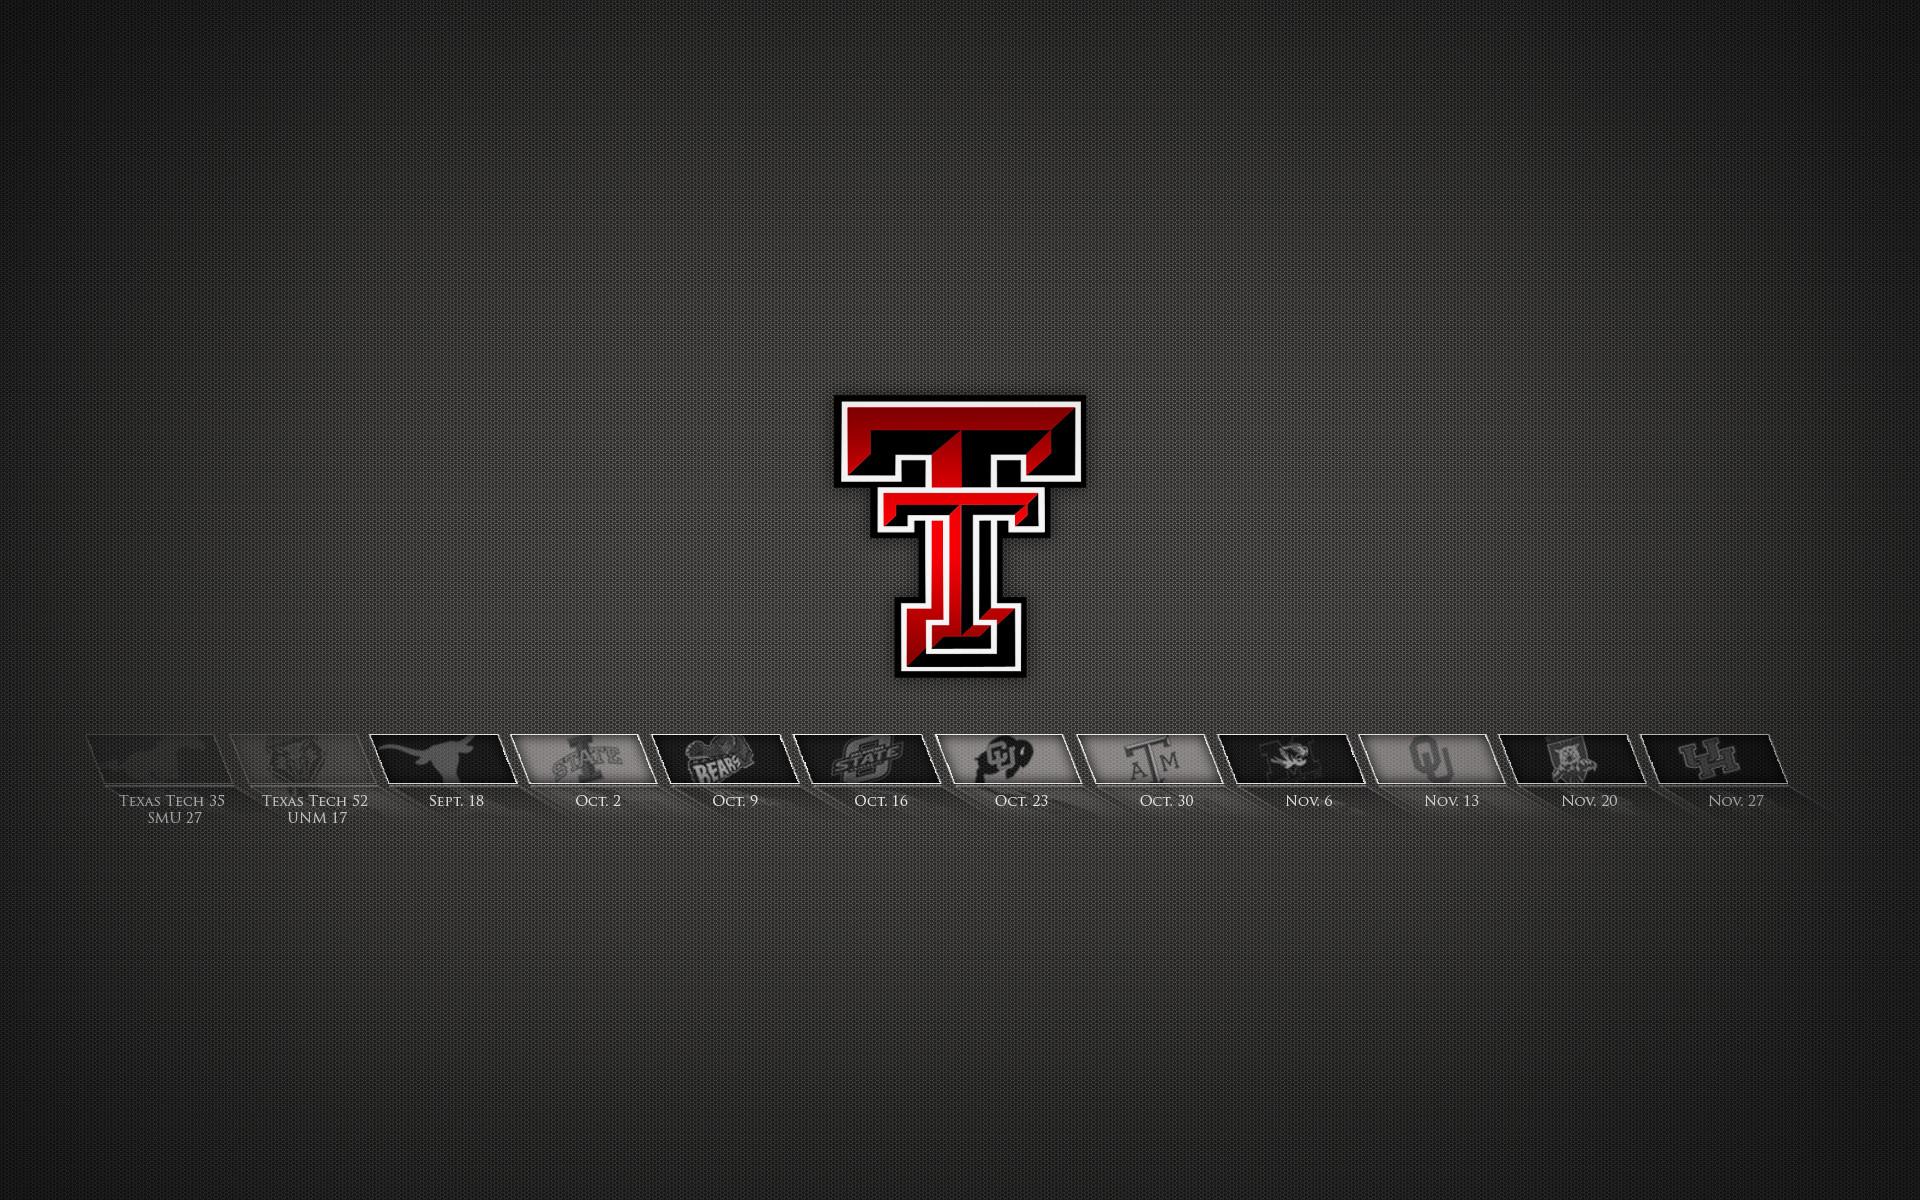 Texas Tech Wallpaper Football PC Texas Tech Football